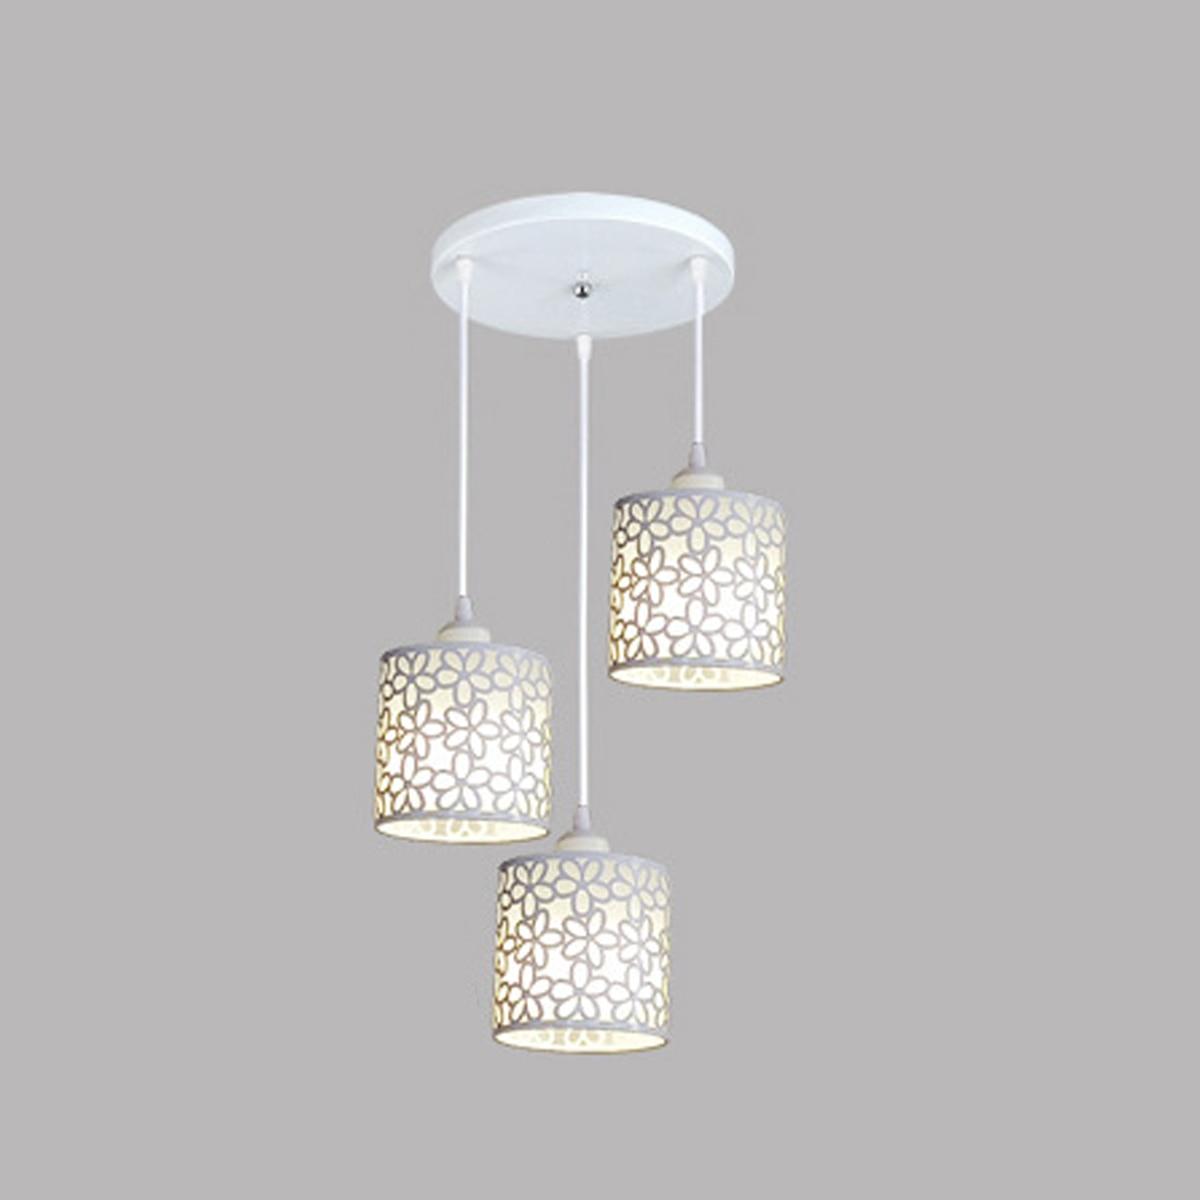 Moderno Nordic LED Lampade a sospensione Apparecchi di ferro Scava Fuori Ciondolo Appeso Lampada Della Decorazione Della Casa per la Sala da pranzo Camera Da Letto Negozio di Bar